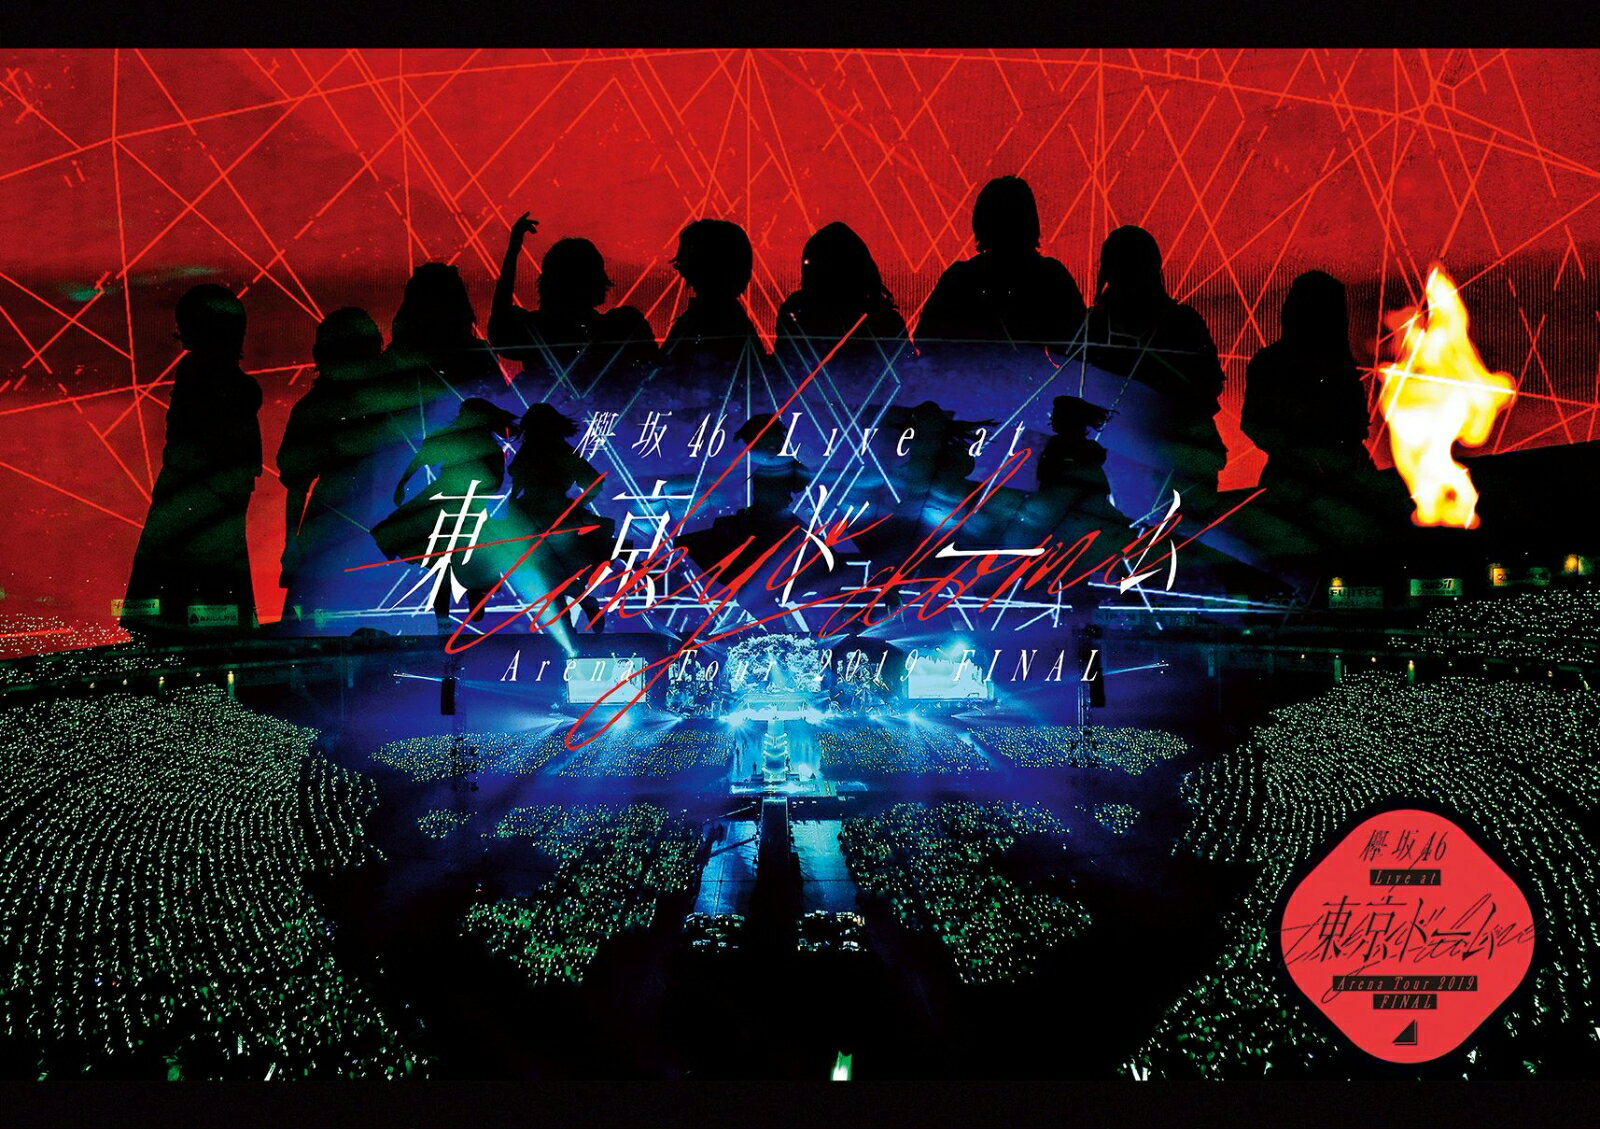 欅坂46 LIVE at 東京ドーム 〜ARENA TOUR 2019 FINAL〜(通常盤)【Blu-ray】